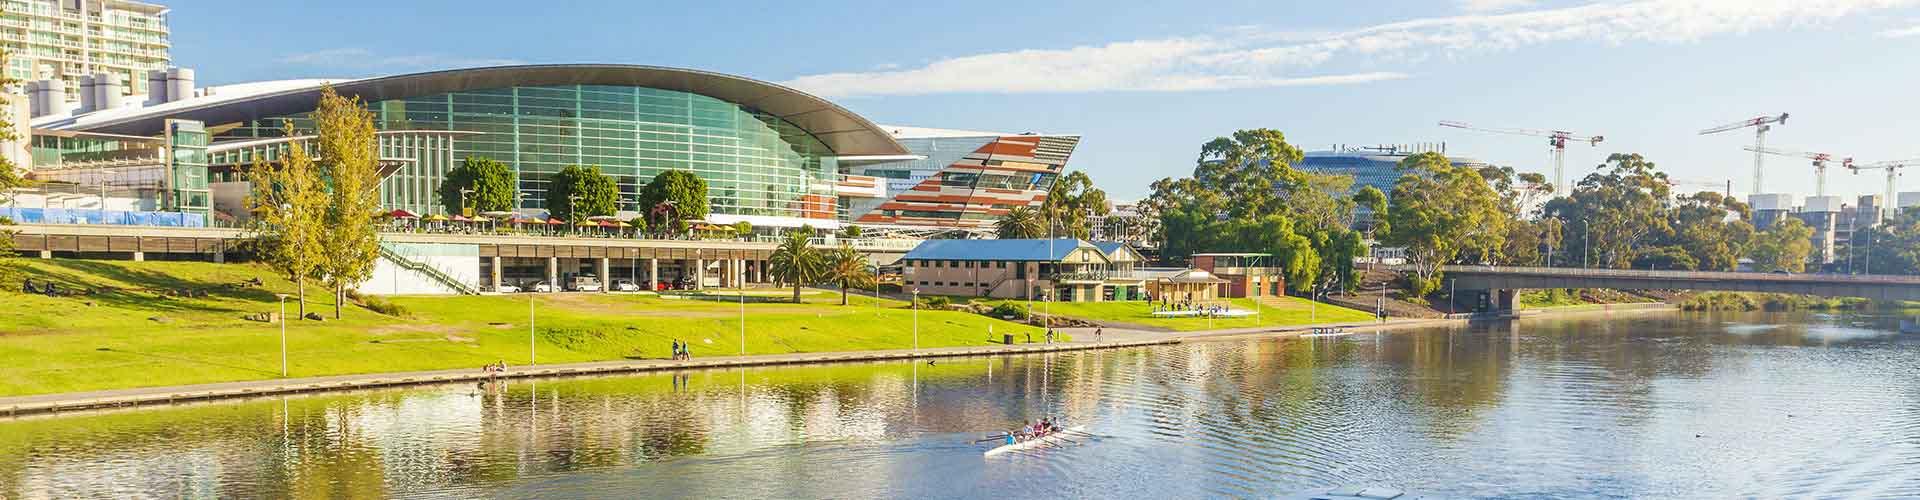 Adelaida - Schroniska młodzieżowe w dzielnicy: Adelaide Central Business District. Mapy dla: Adelaida, Zdjęcia i Recenzje dla każdego Schroniska Młodzieżowego w: Adelaida.